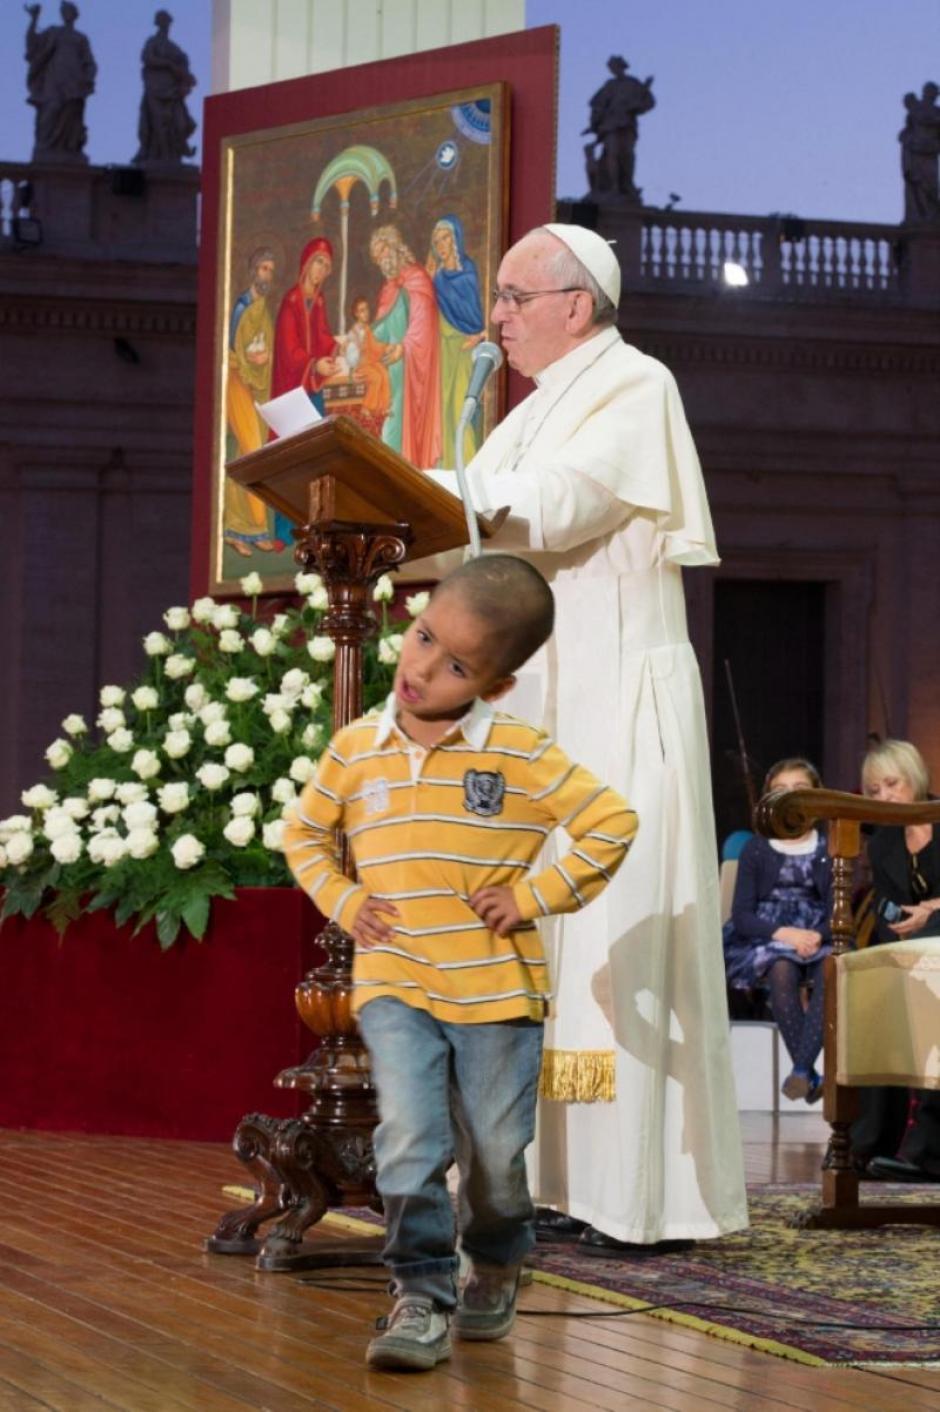 El papa dejó que un pequeño niño subiera hasta donde él estaba y se robara el show durante una misa multitudinaria